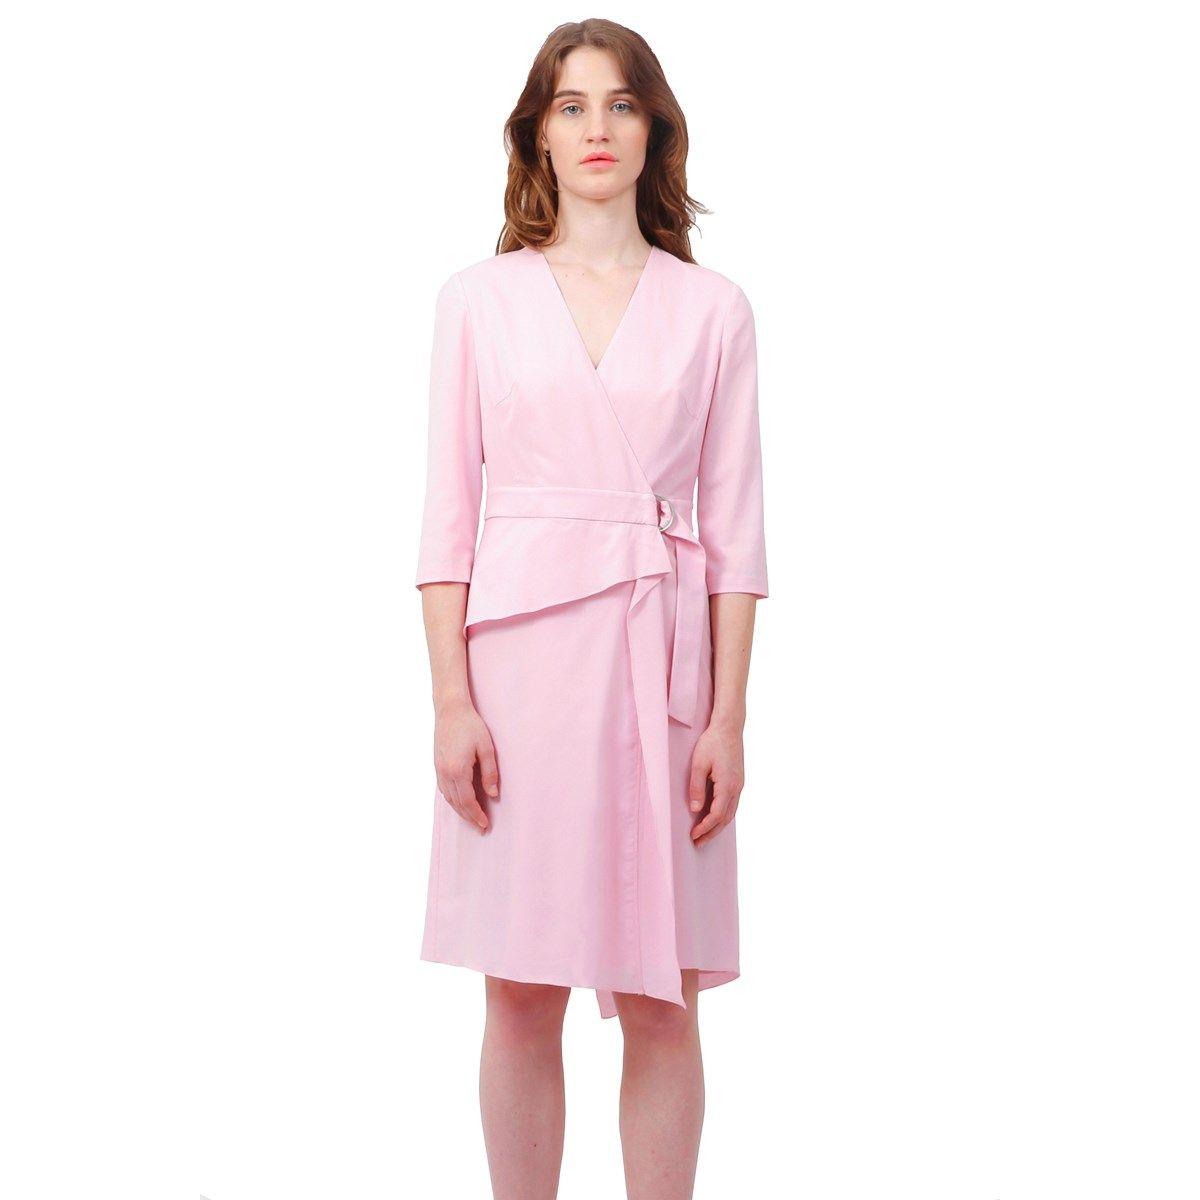 Robe portefeuille mi longue couleur rose